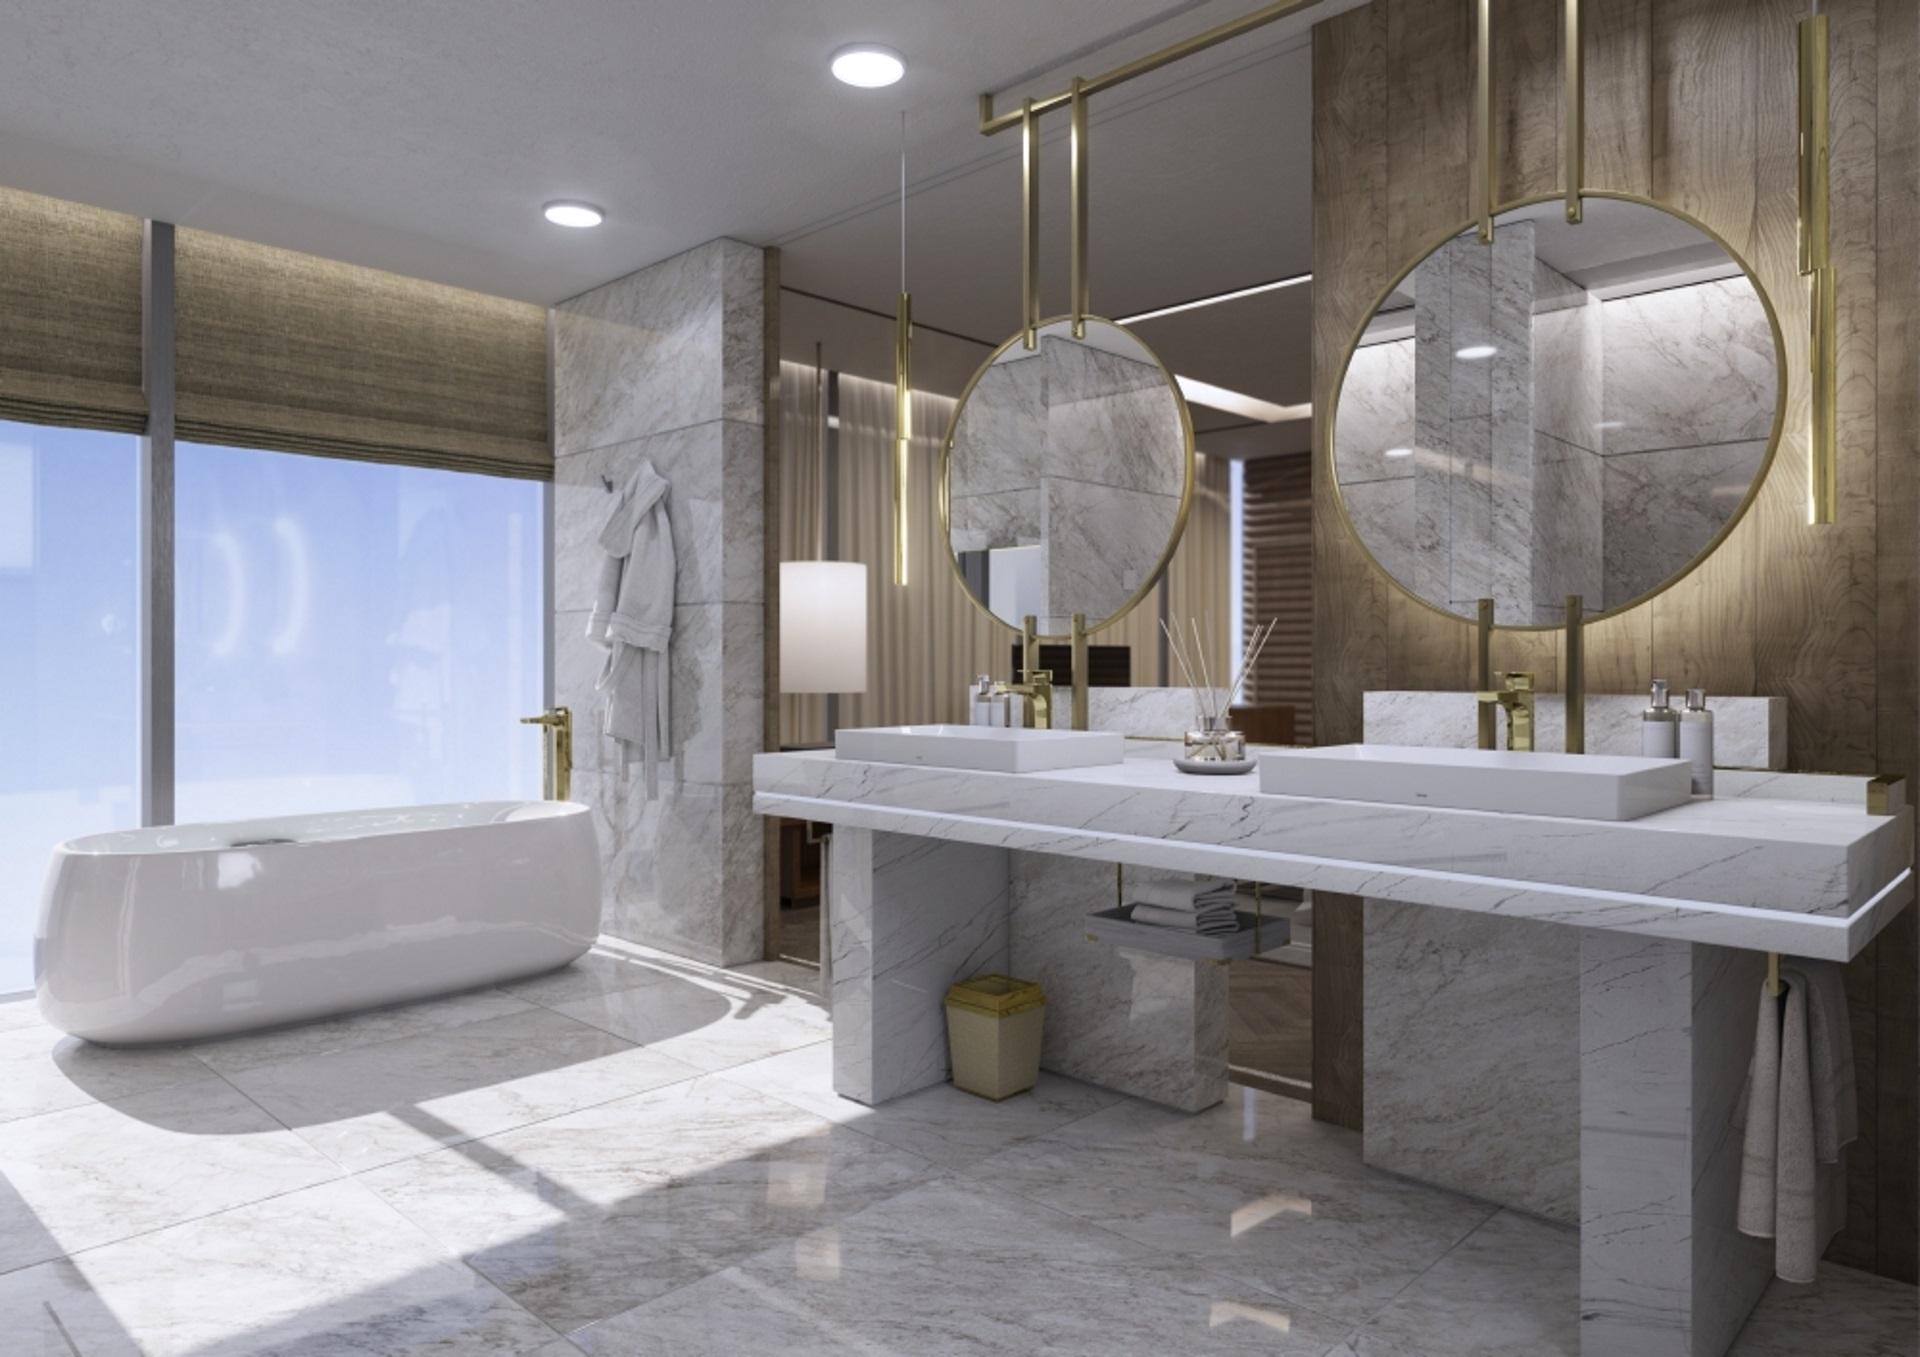 Abbildung klassisches Badezimmer von TOTO mit Marmorfliesen, freistehender Badewanne und zwei Waschbecken mit Armatur